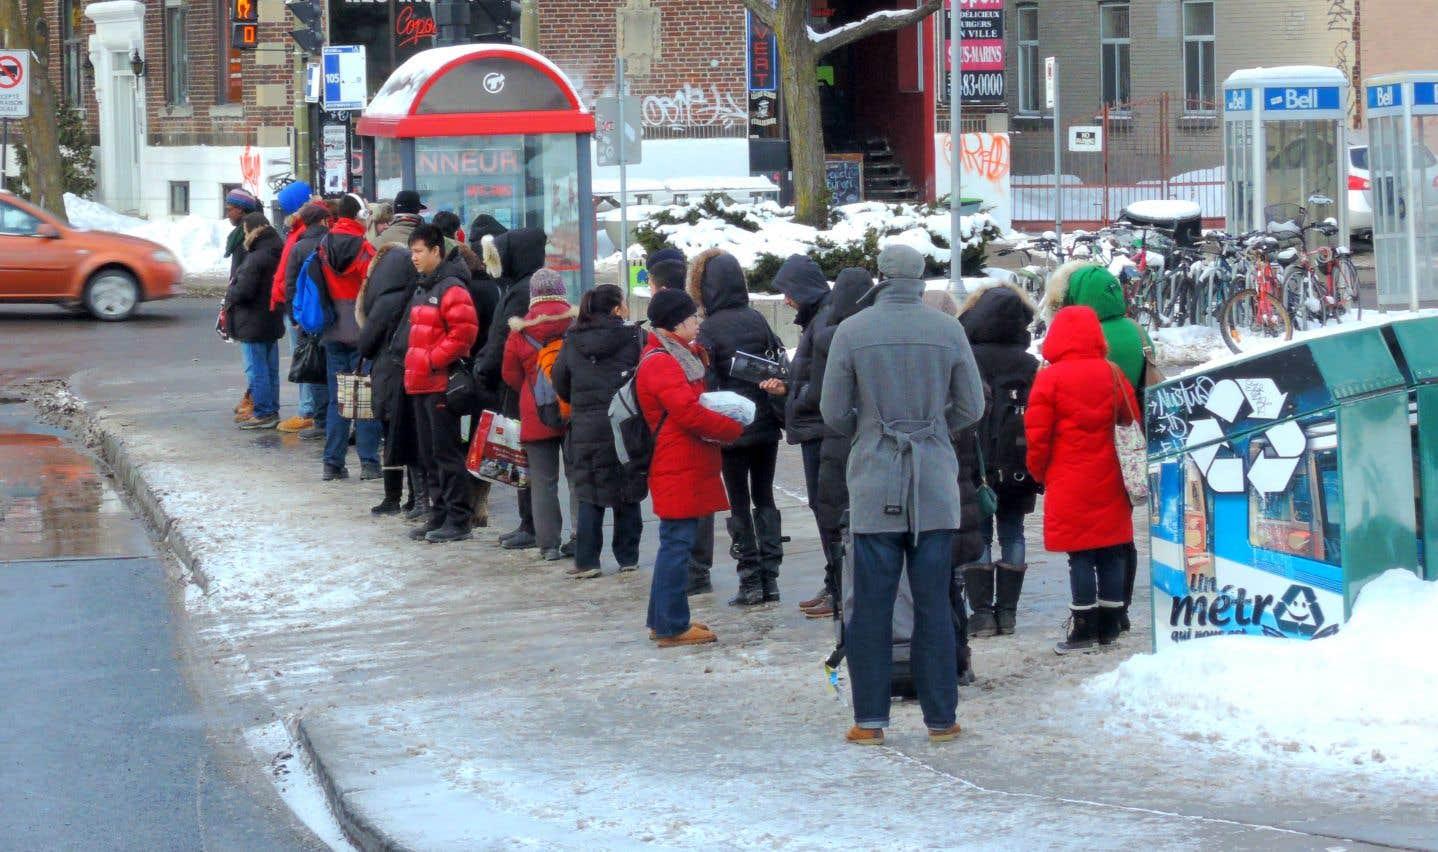 À l'automne dernier, Valérie Plante s'était engagée à offrir un tarif réduit aux Montréalais à faibles revenus, ainsi que la gratuité pour les enfants jusqu'à 12 ans et les usagers de plus de 65 ans.